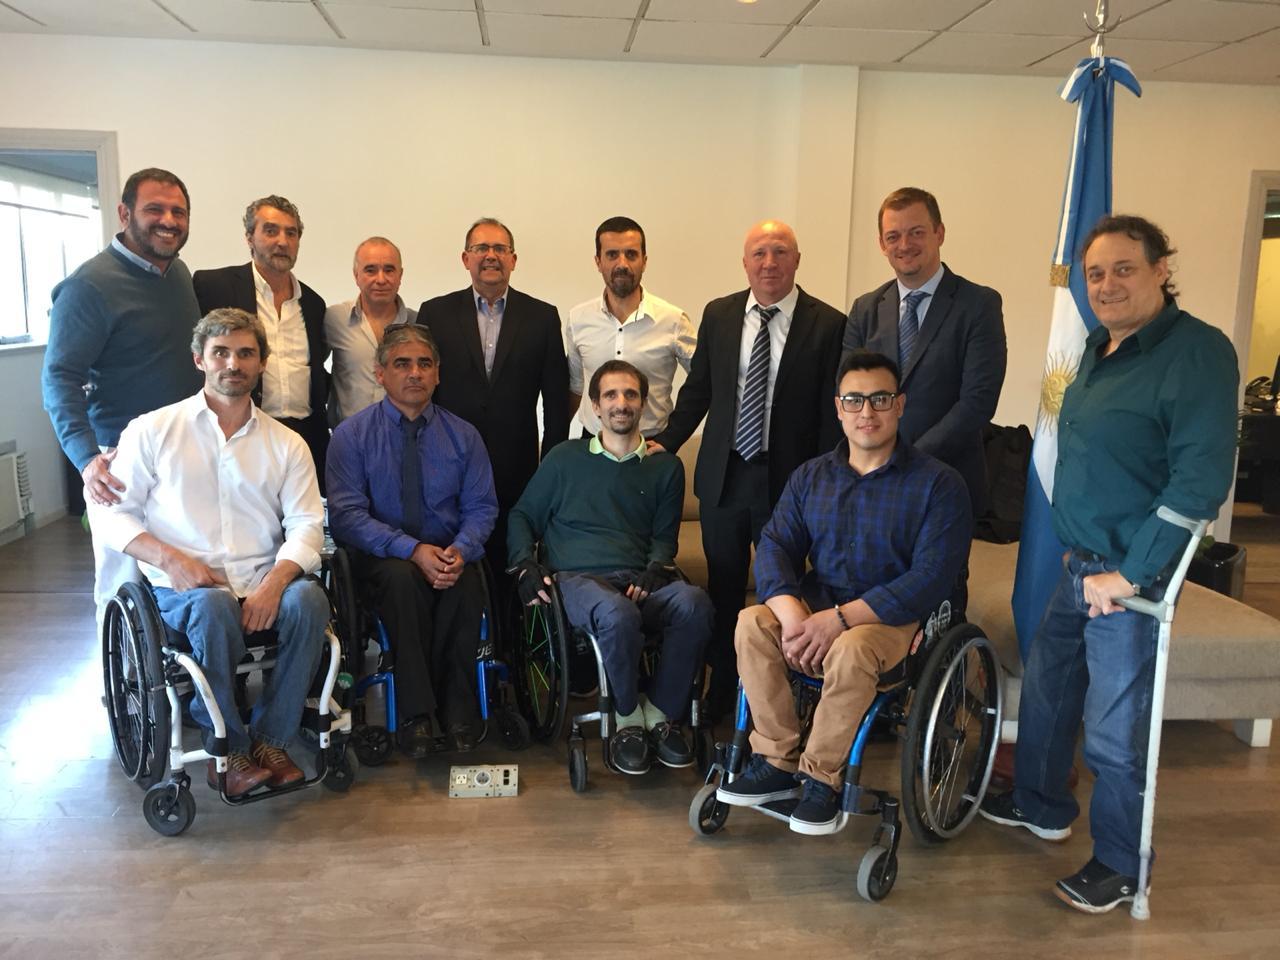 El presidente del Comité Paralímpico Internacional visitó el CENARD